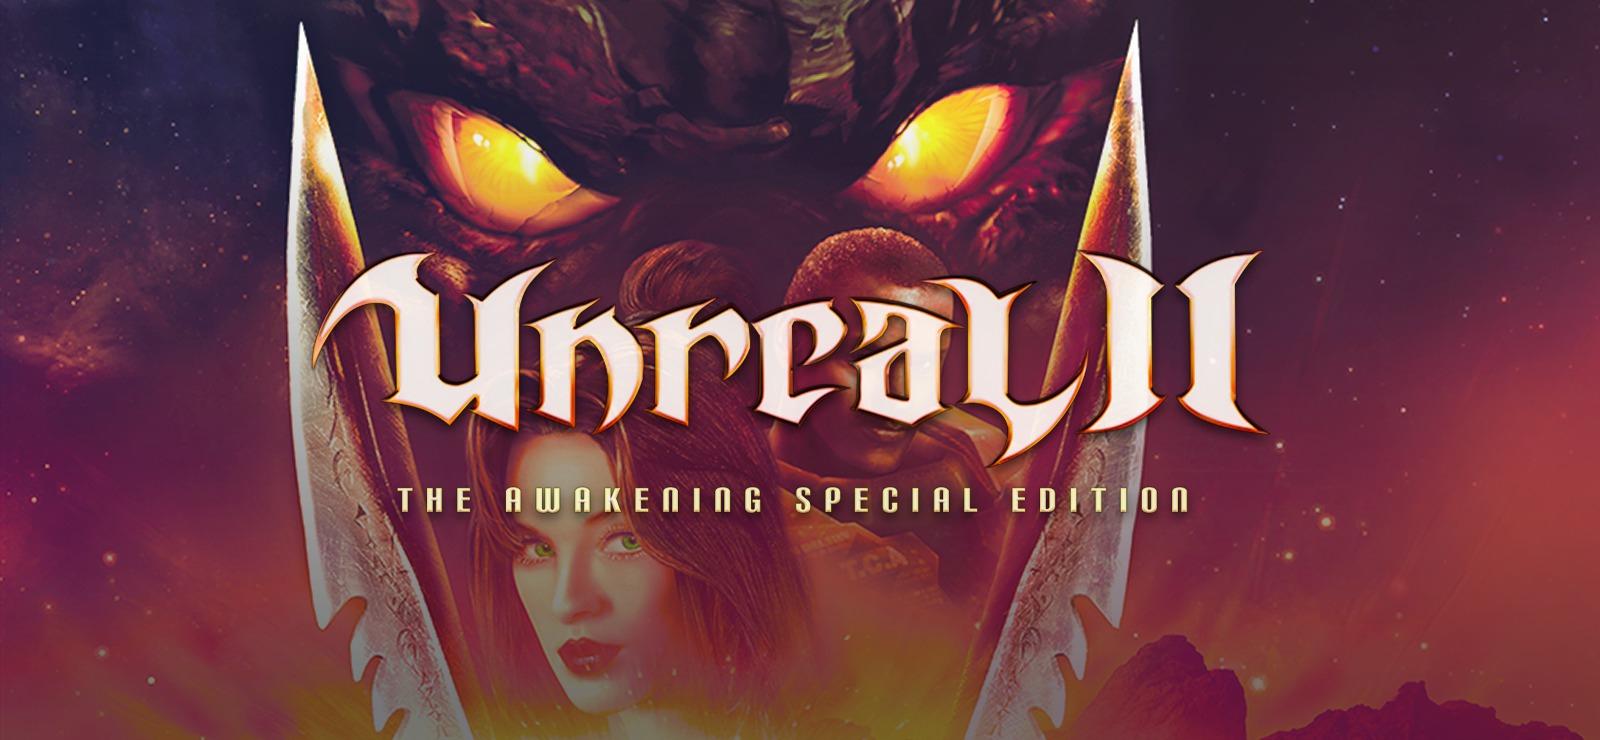 Unreal 2: The Awakening Special Edition (PC) Tijdelijk voor €0,89 @ Gog.com